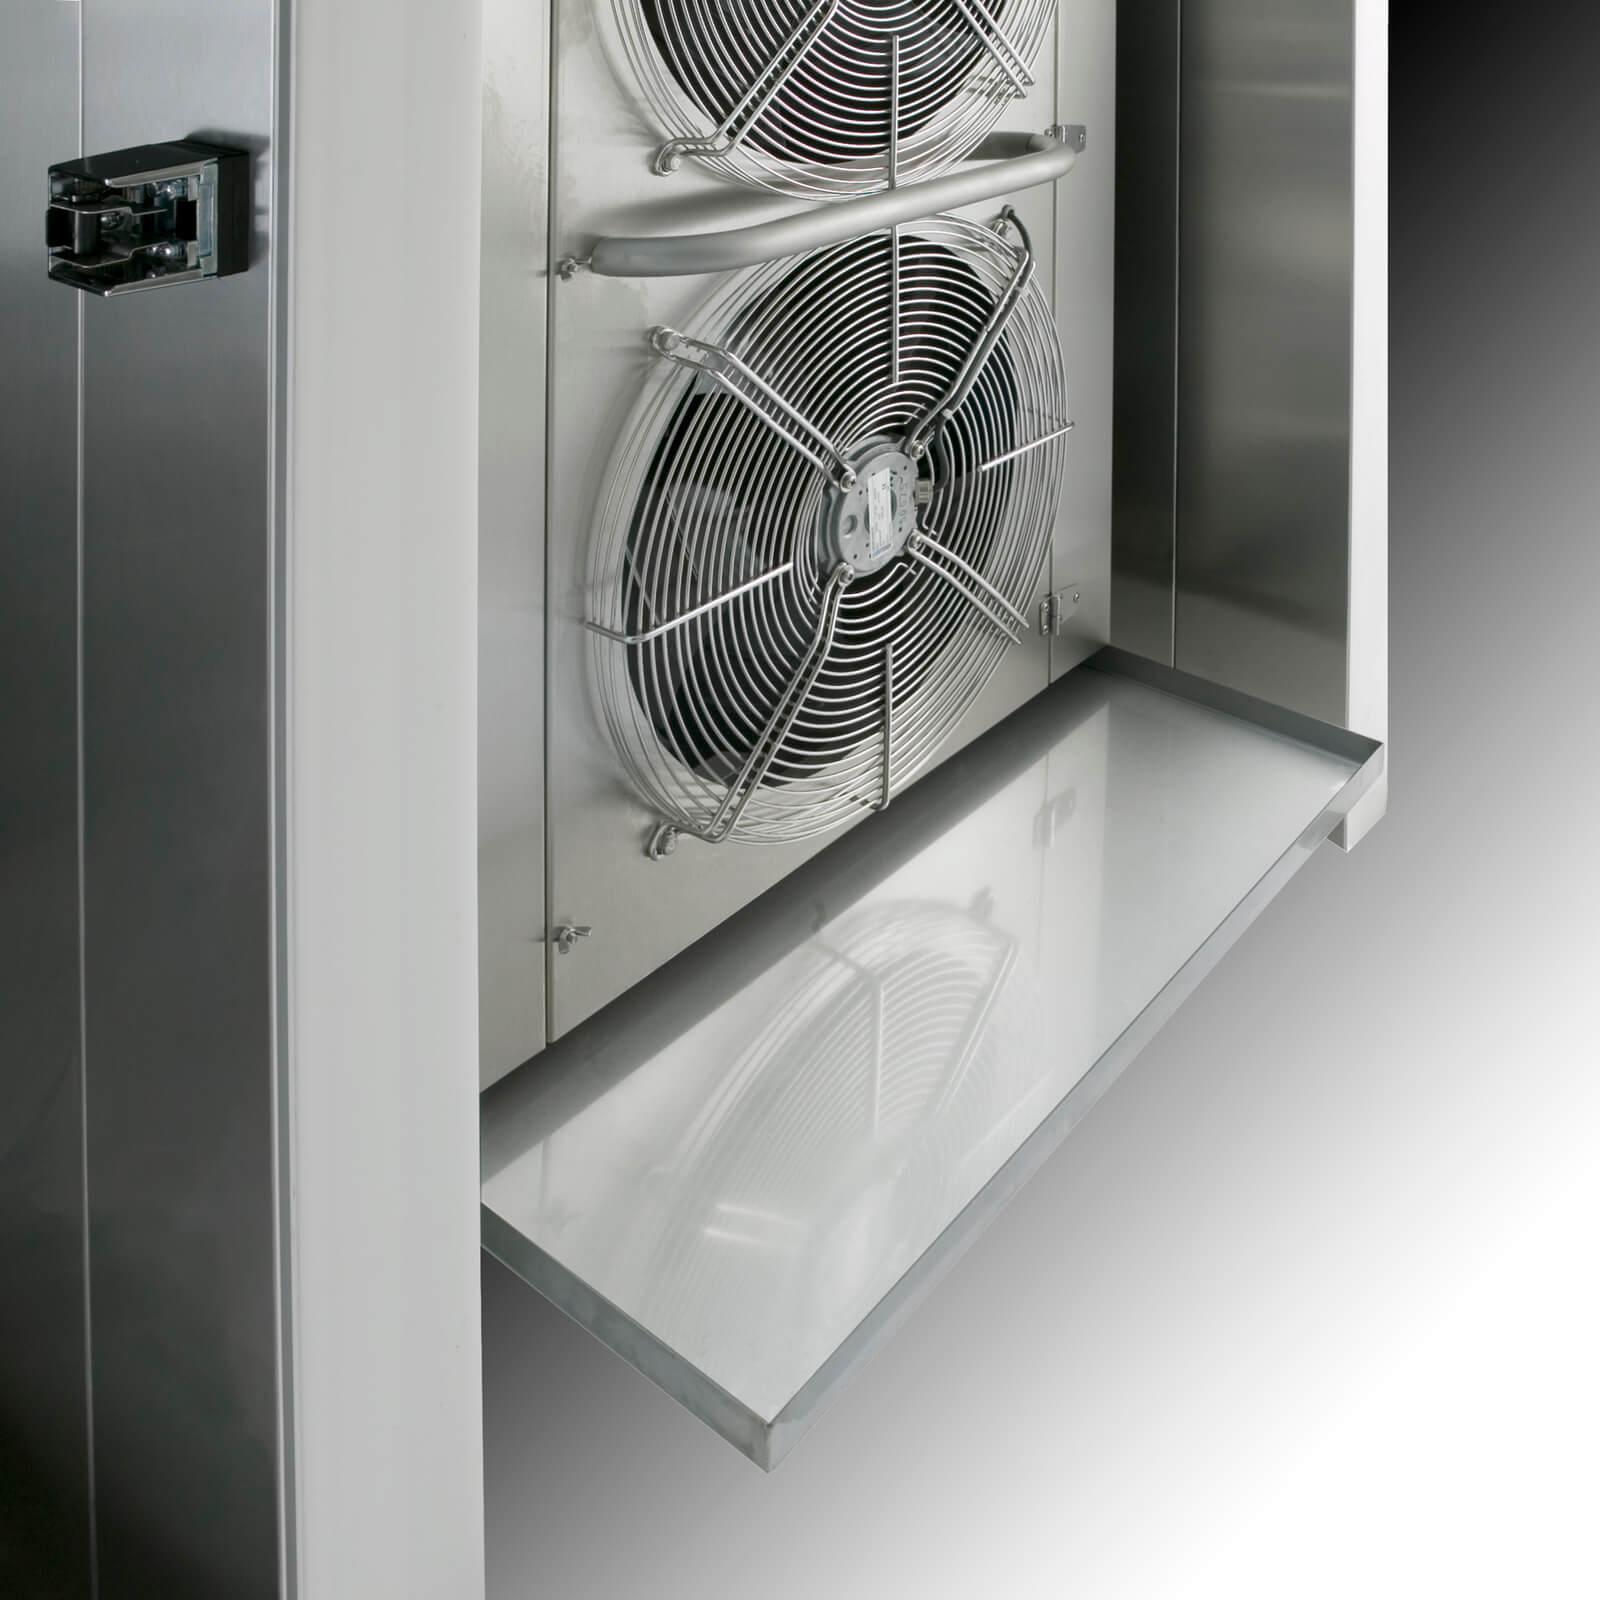 vertical-condenser-unit-blast-chiller